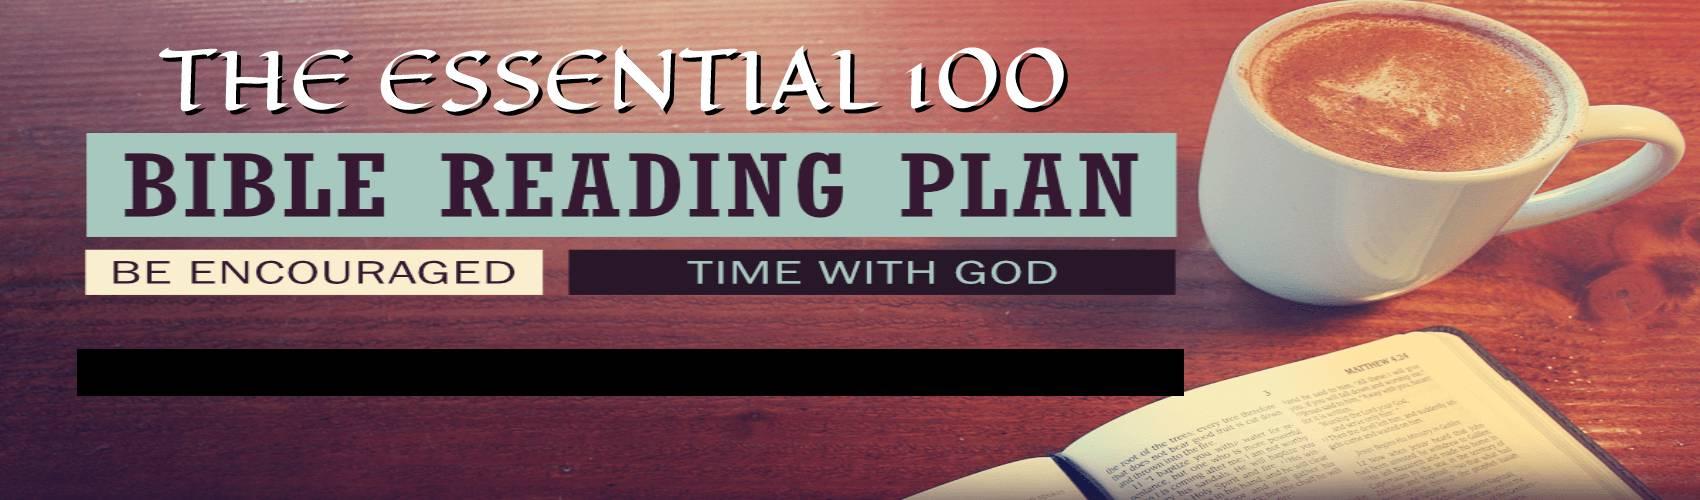 Bible-Reading-Plan-Web-Banner